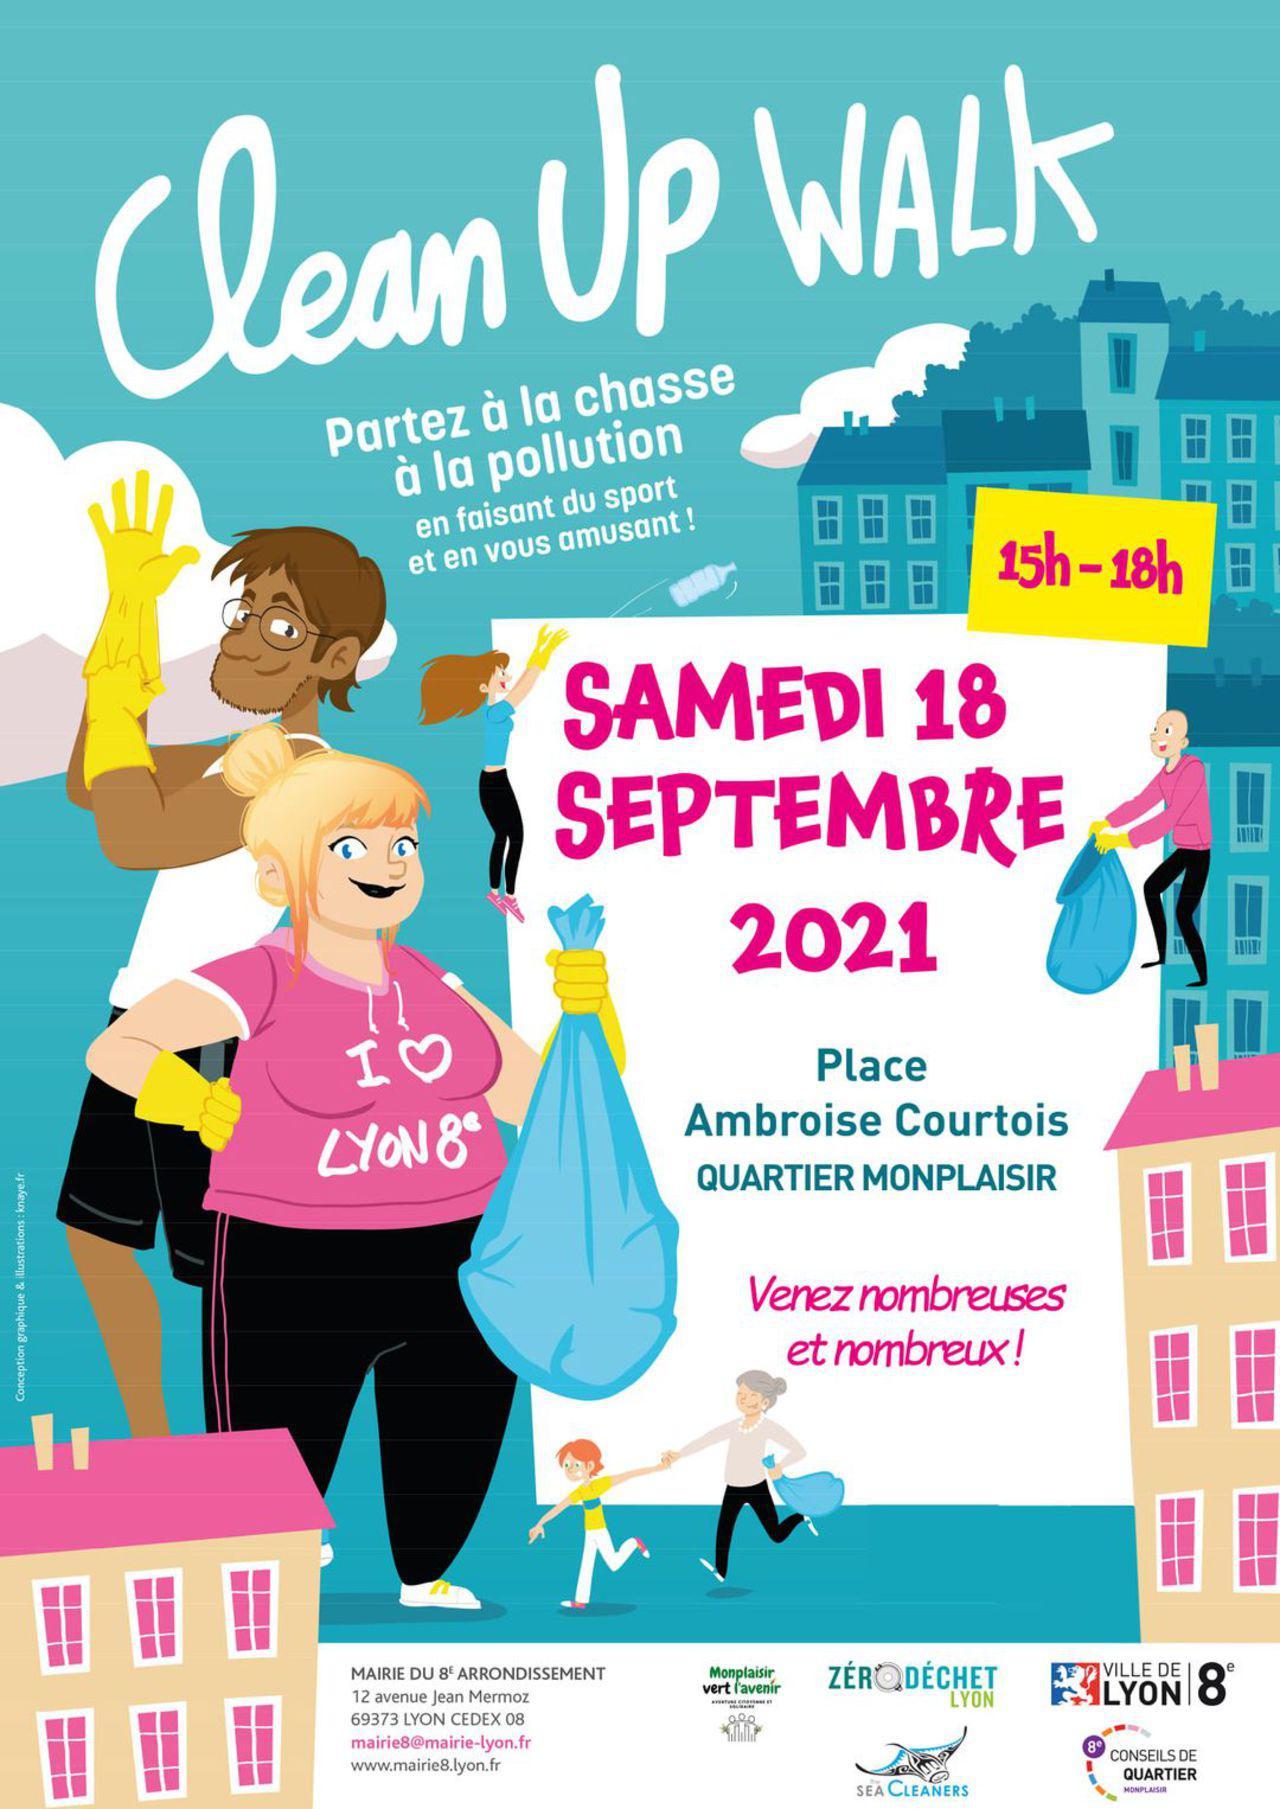 18/09 : CleanUp Walk à Monplaisir !